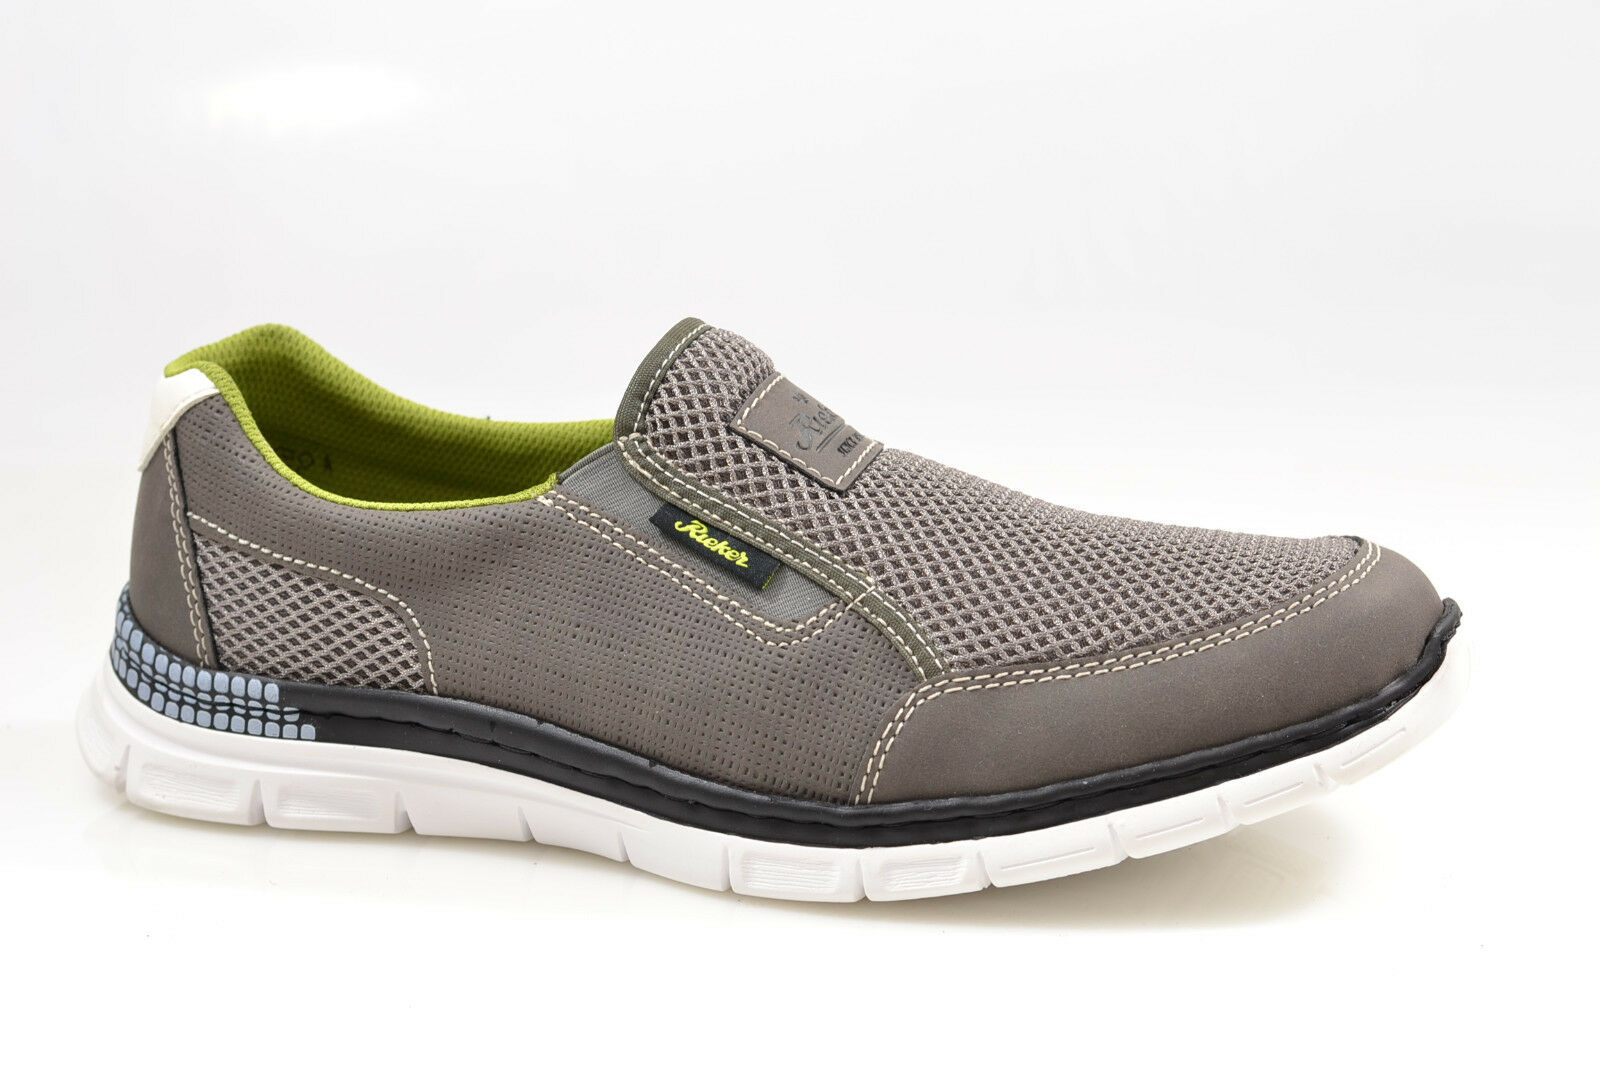 Rieker Herren Sneaker 41-46 Slipper Halbschuhe grau Gr. 41-46 Sneaker Neu B4870-45 6a23c7